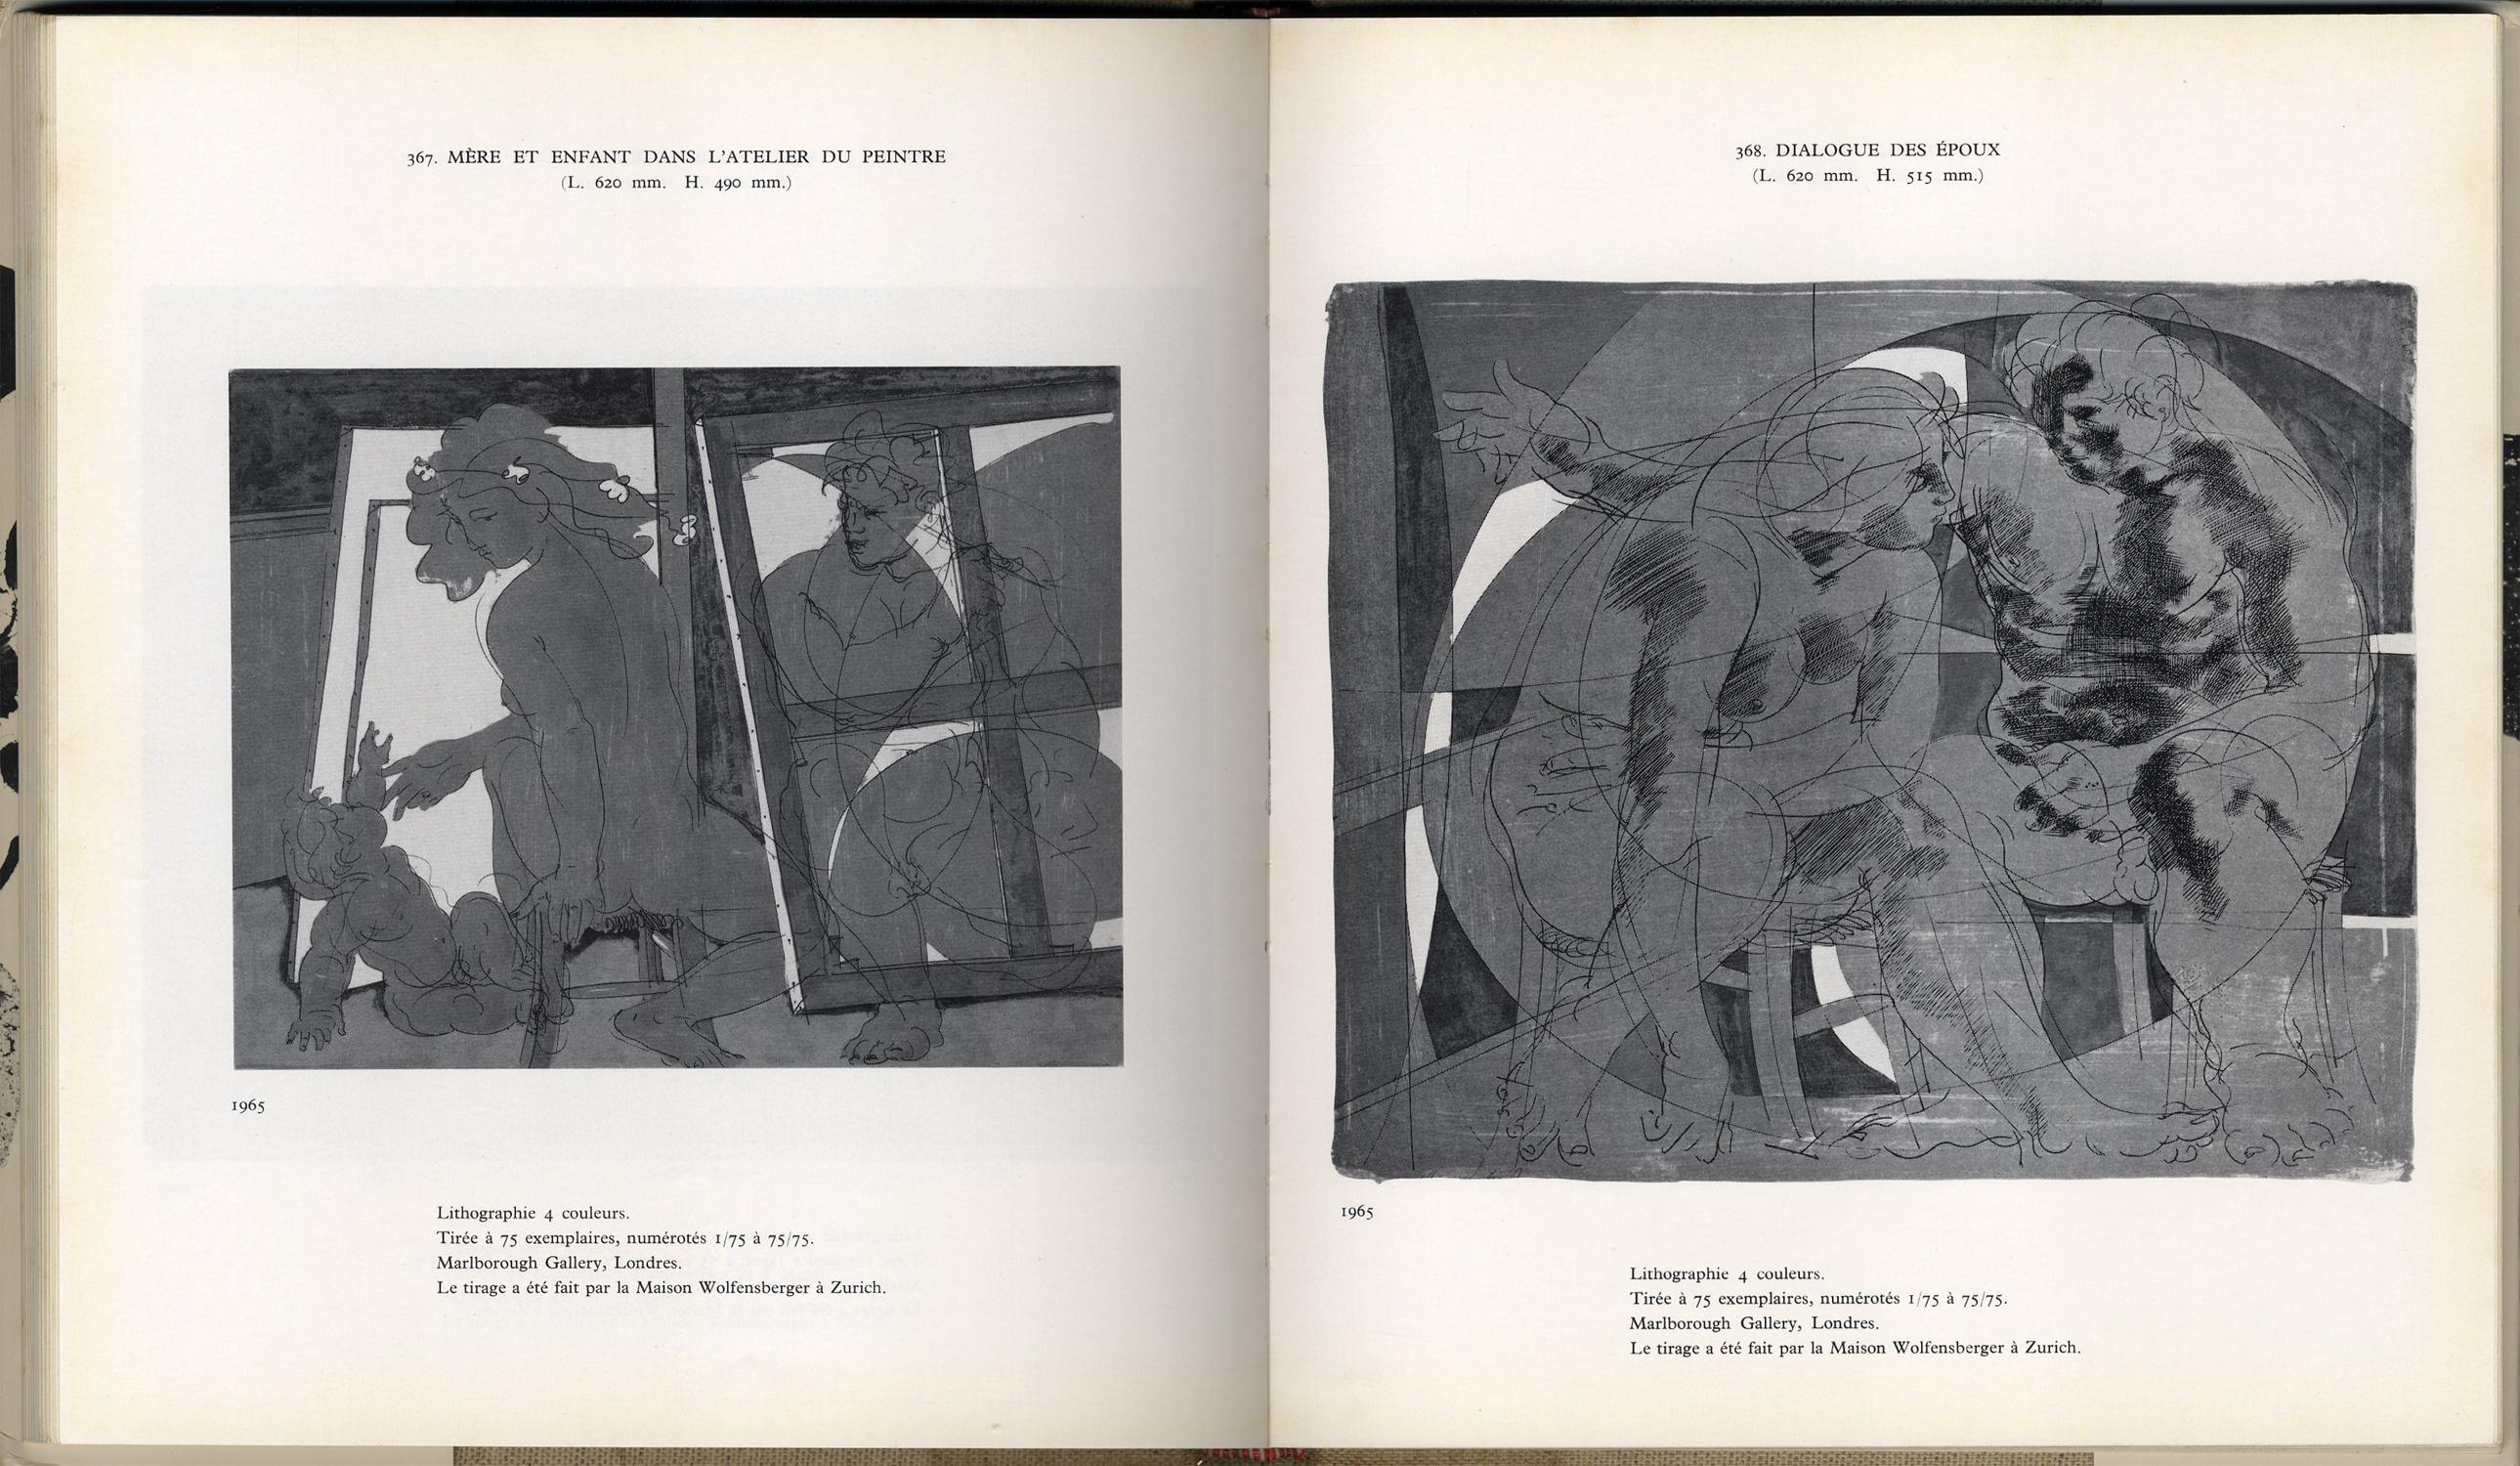 Catalogue de l'œuvre lithographié et gravé de Hans Erni Tome premier 1930-1957 / Tome deuxième 1958-1970[image5]